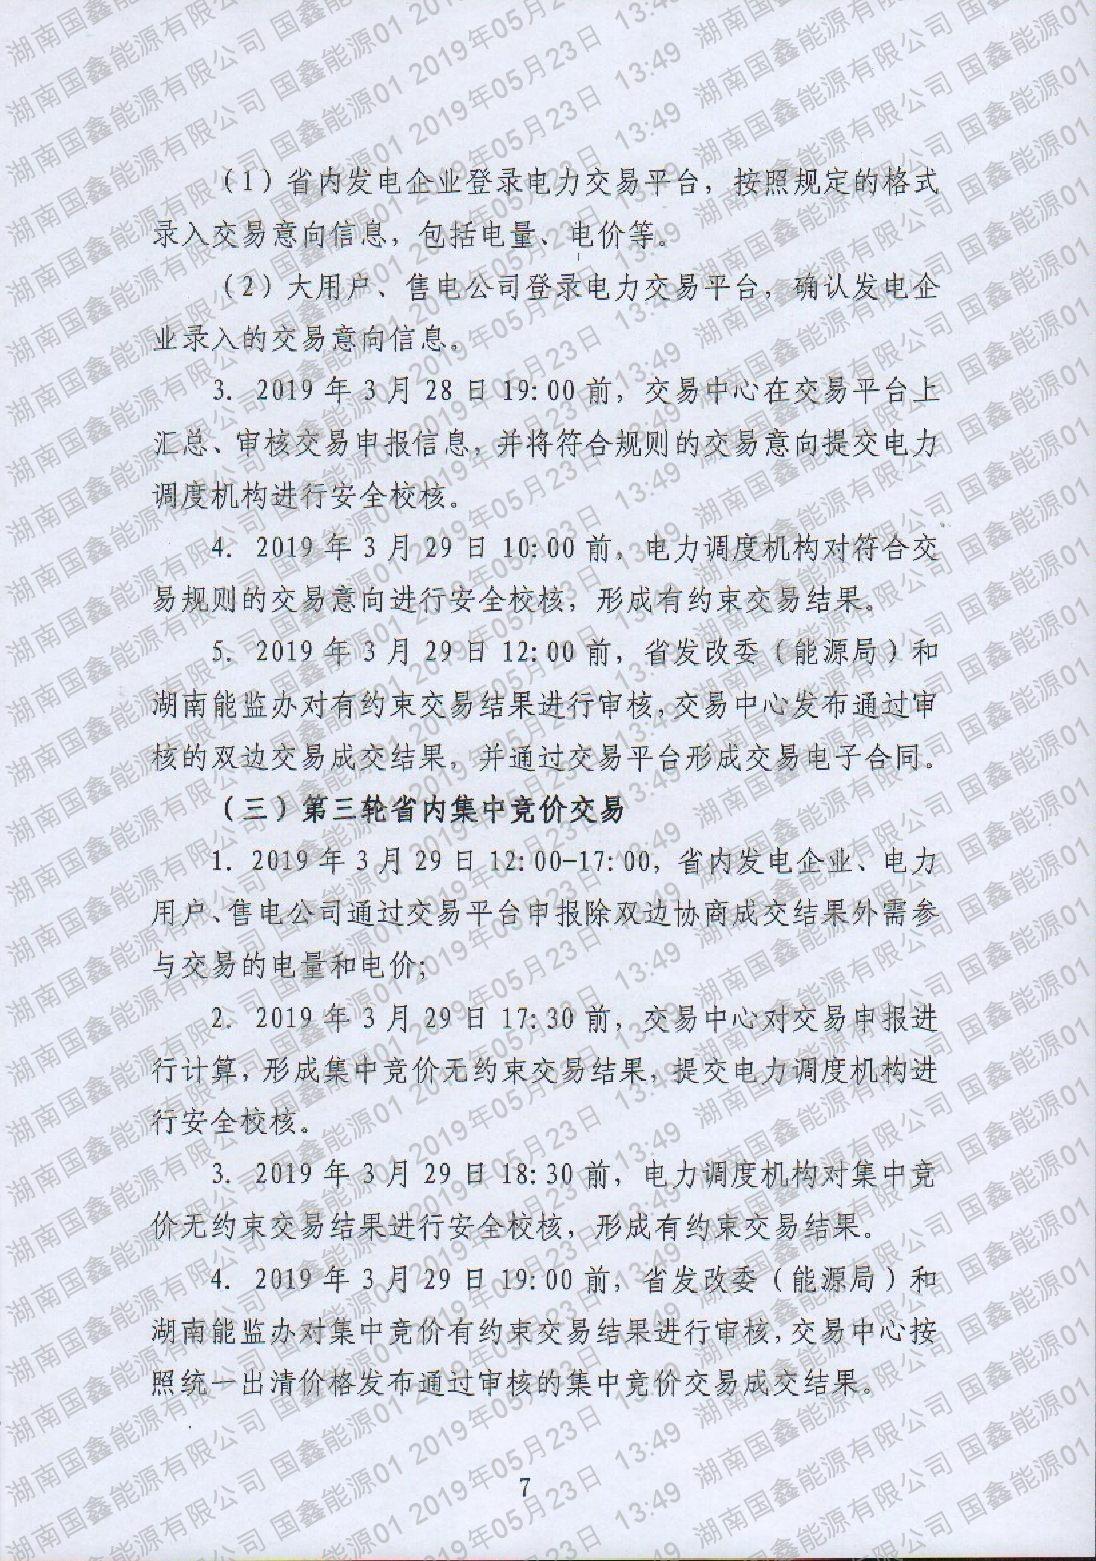 湖南電力交易中心有限公司關于2019年4月電力市場交易的公告.pdf_page_07_compressed.jpg